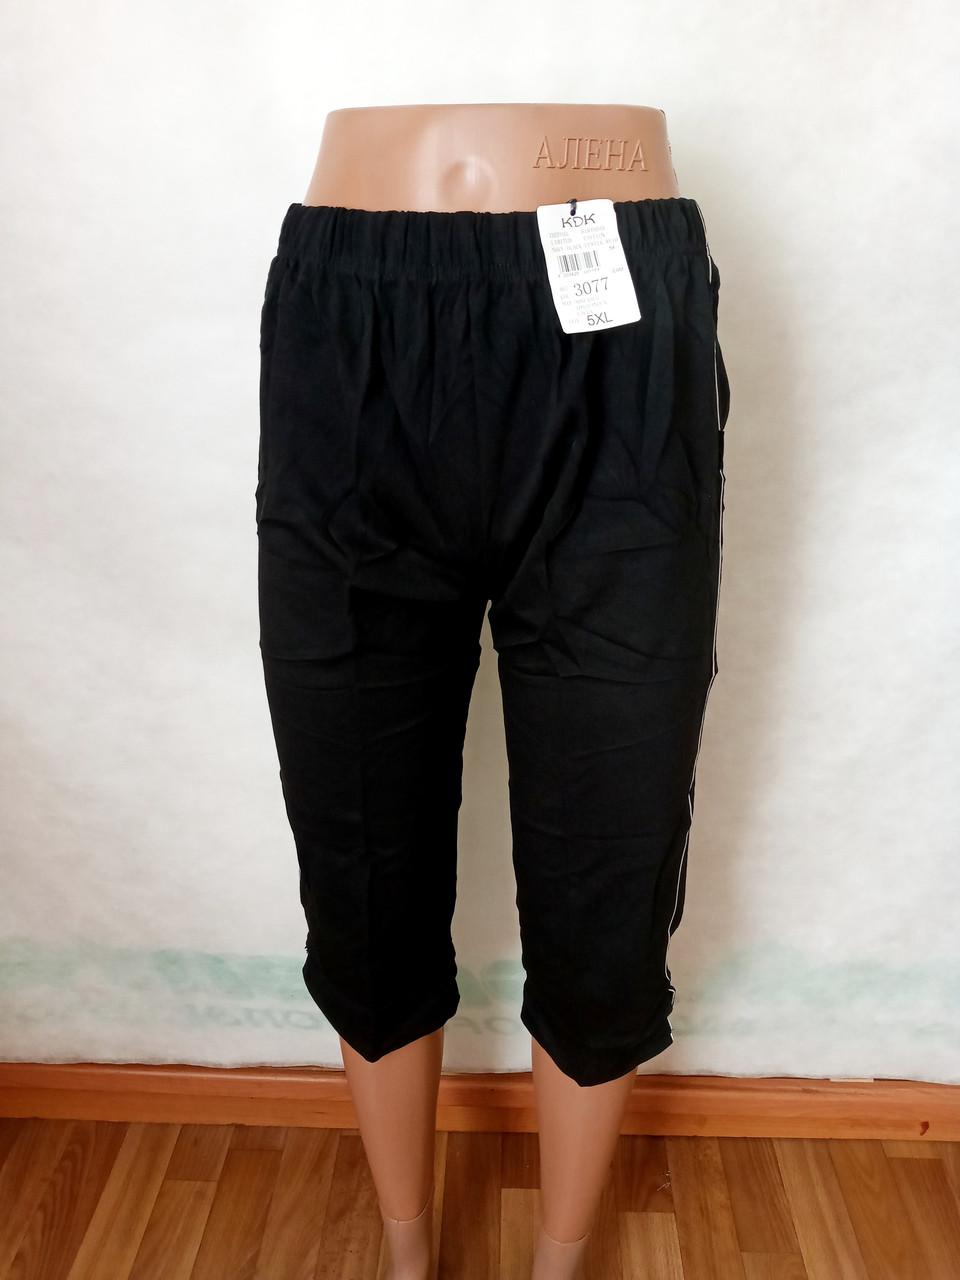 Бриджи шорты женские р.48.Цвет черный. От 4шт по 53грн.